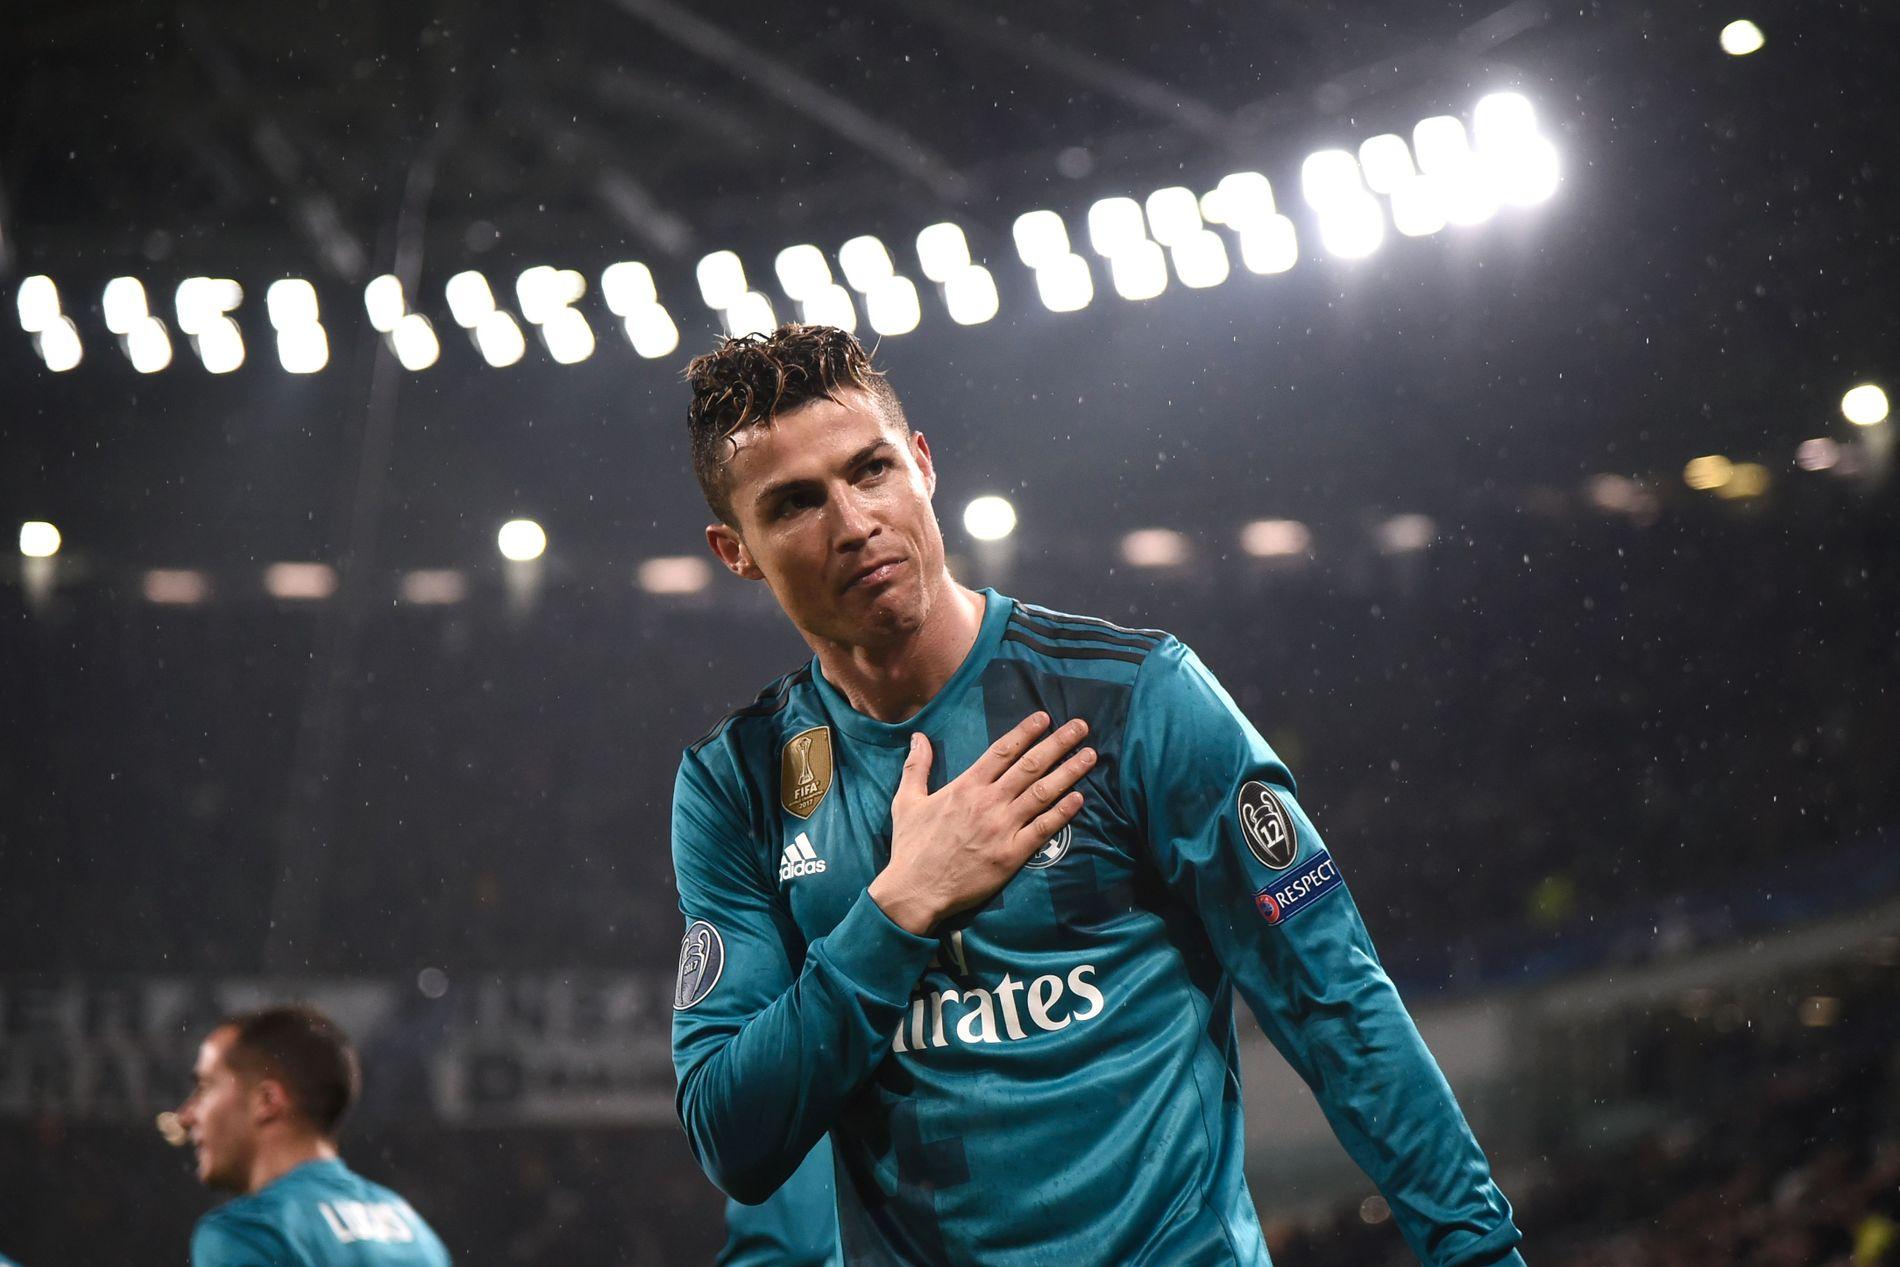 MÅLKONGE: Cristiano Ronaldo rakk å score 451 (!) mål på sine ni år i Madrid. Tre av dem kom da han sendte Juventus ut av Champions League i vår.